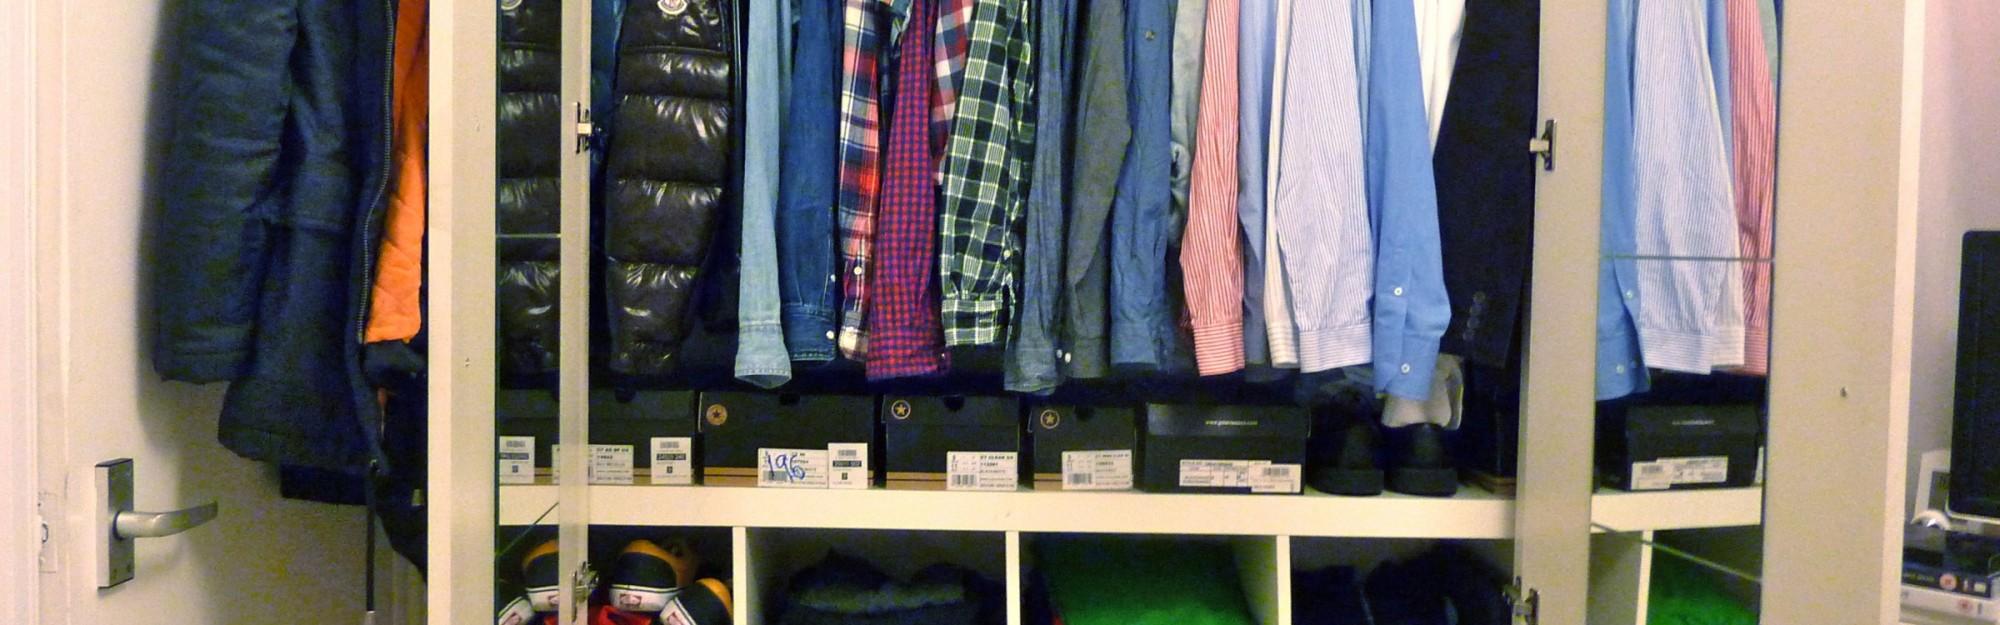 Wie spare ich Zeit beim Ankleiden?